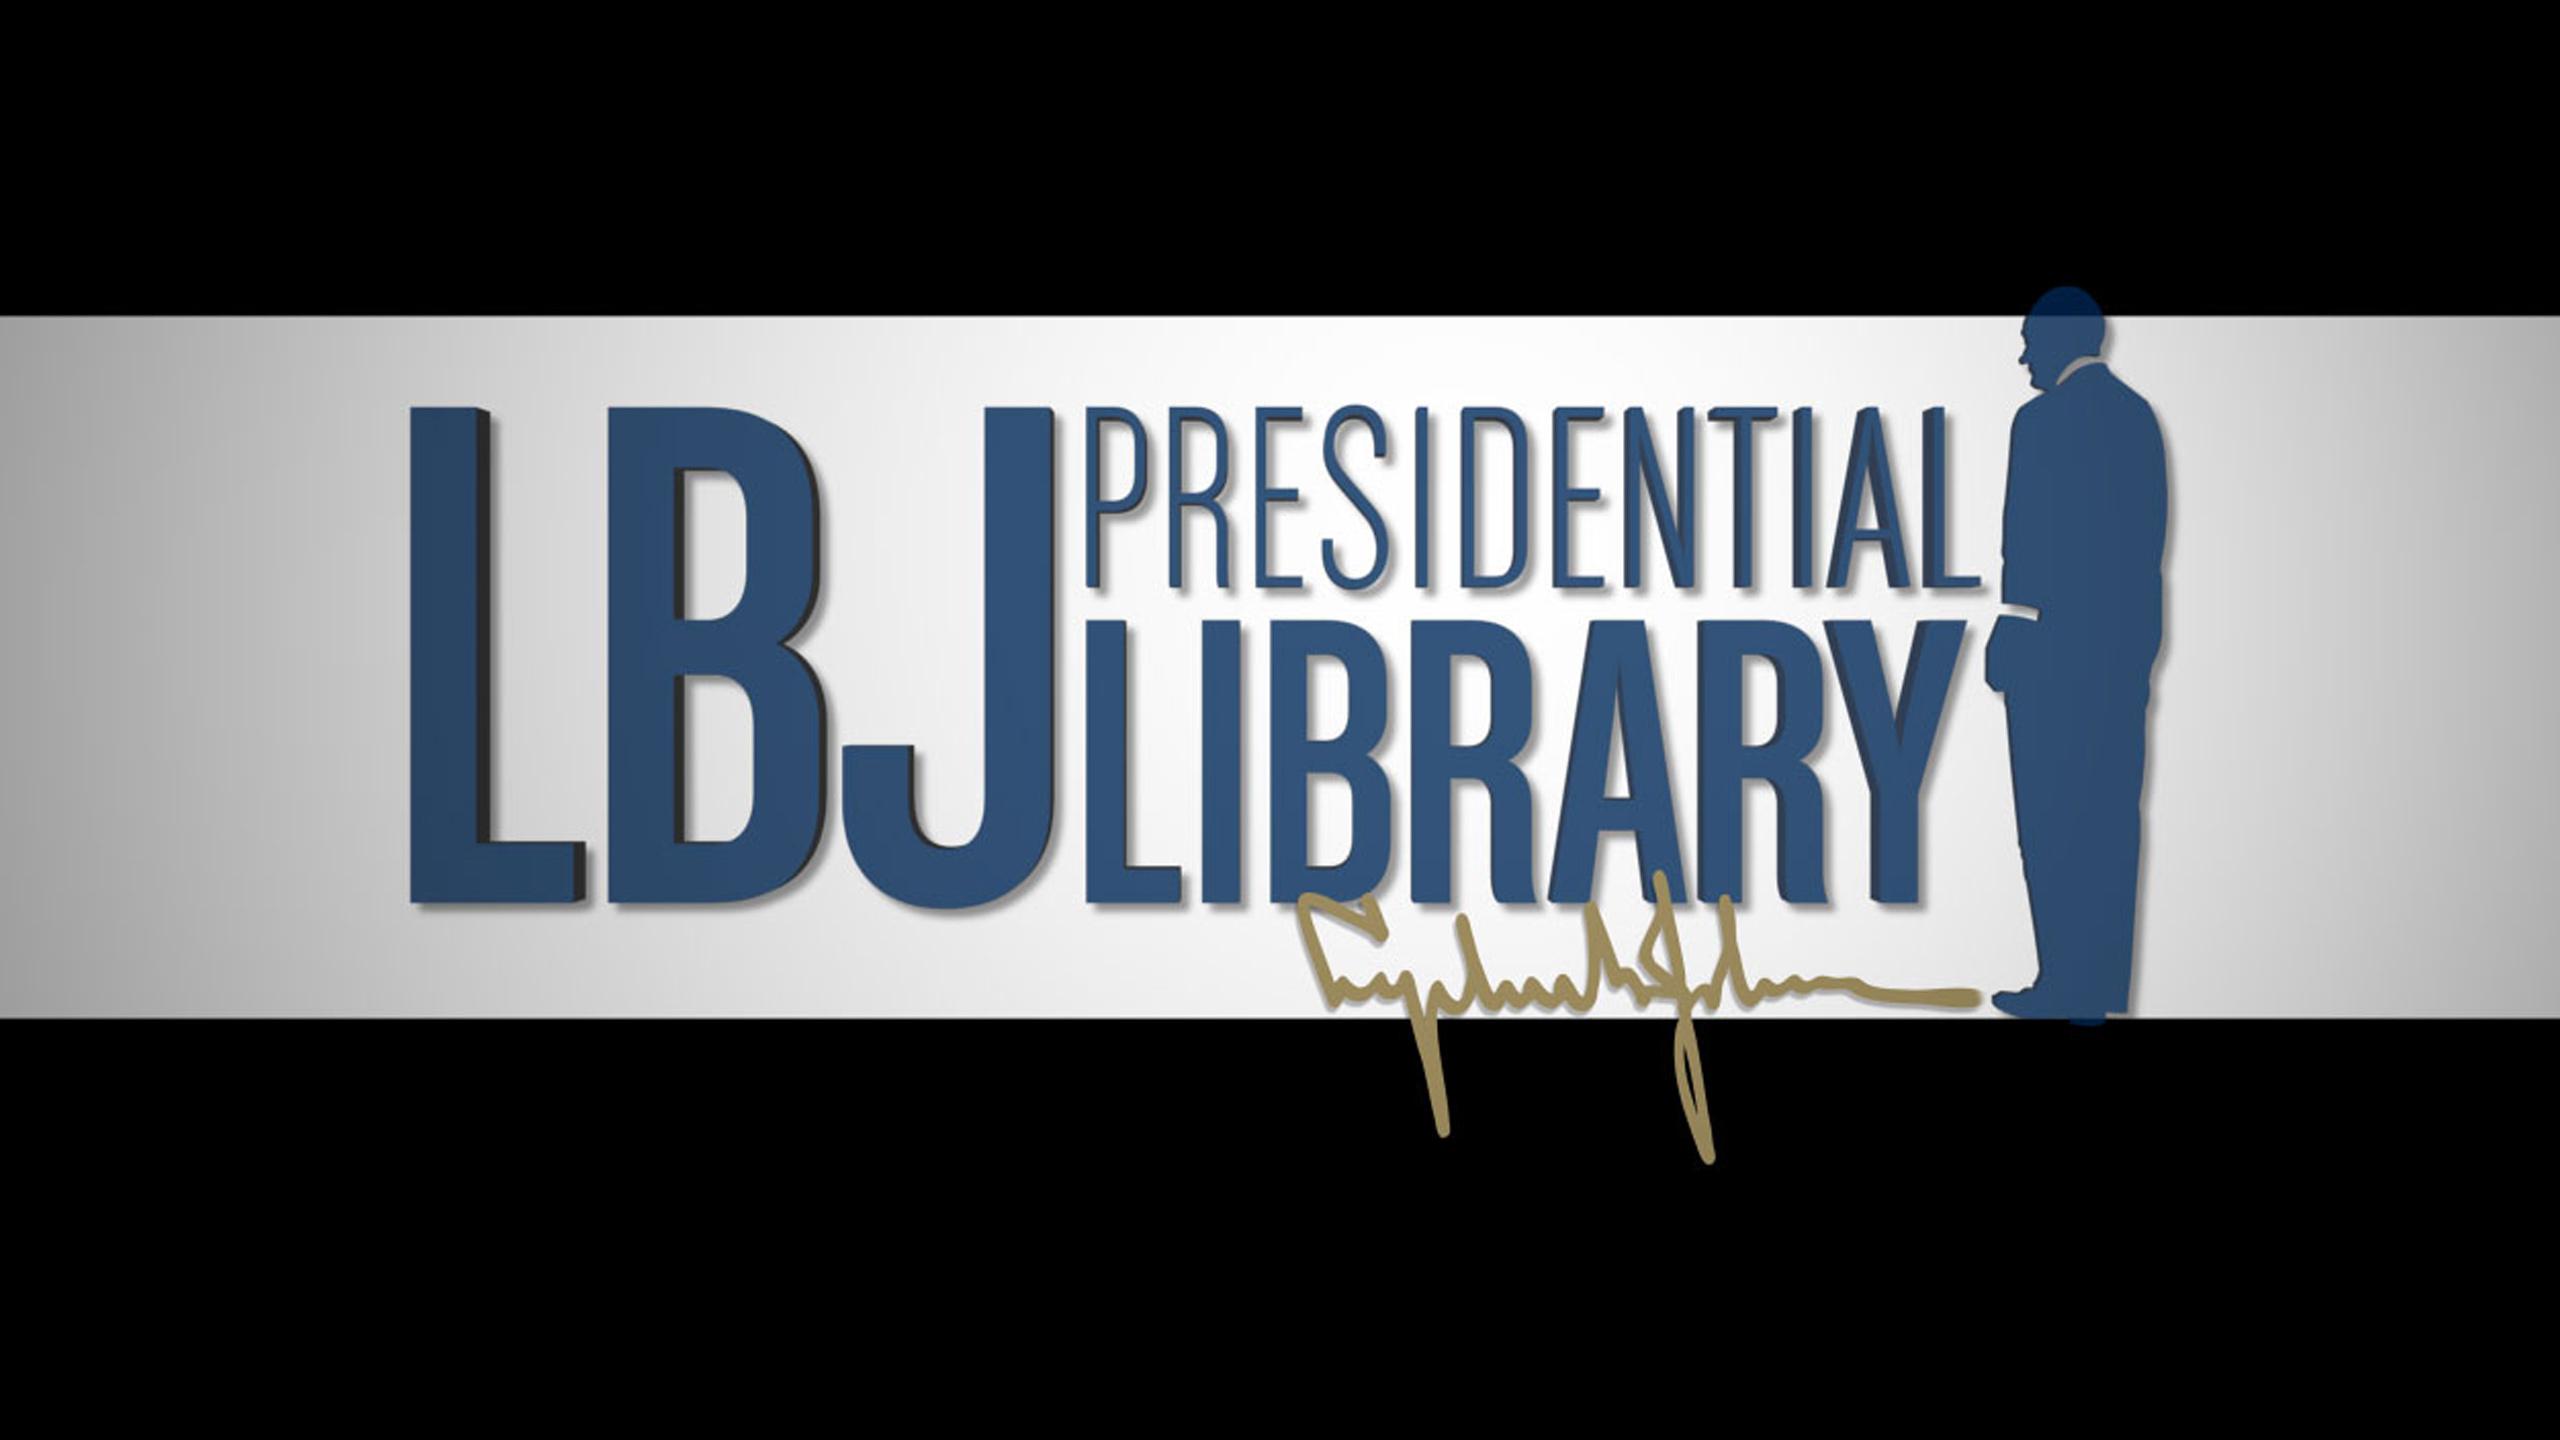 LBJ Presents: Madeleine Albright